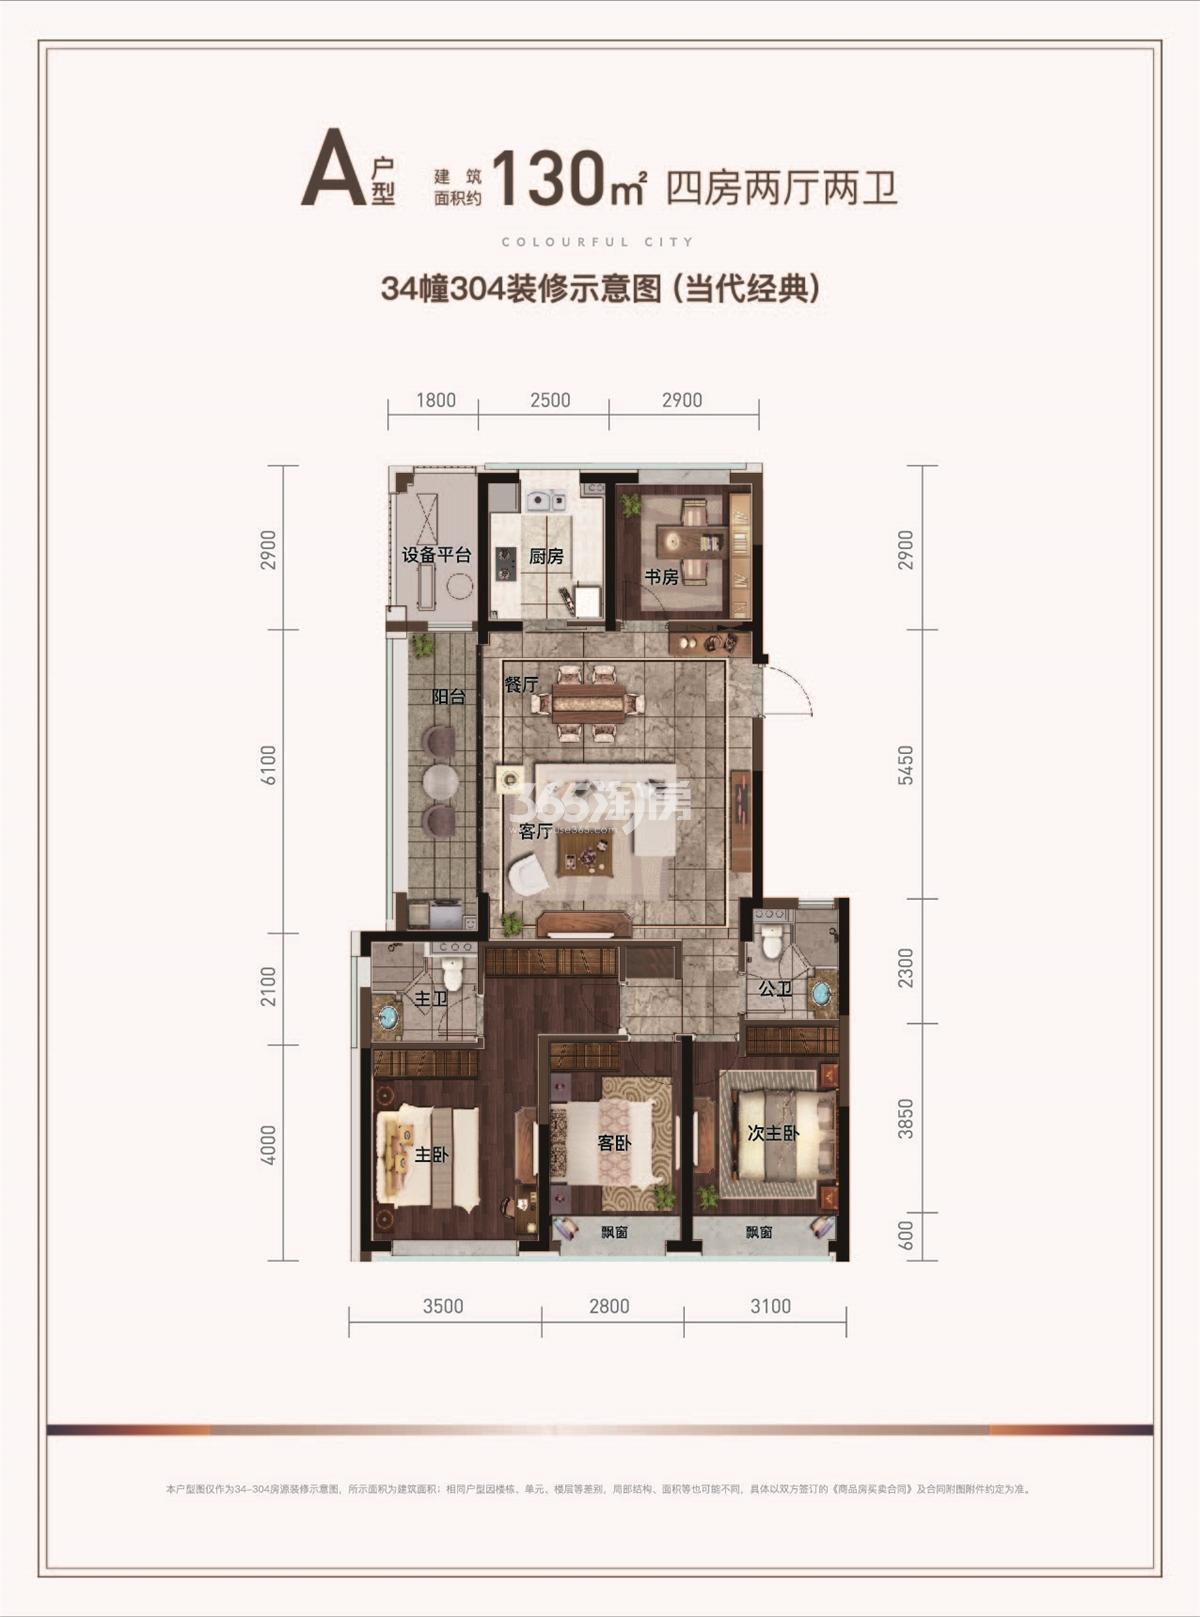 滨耀城31、34、35号楼边套A户型 约130㎡